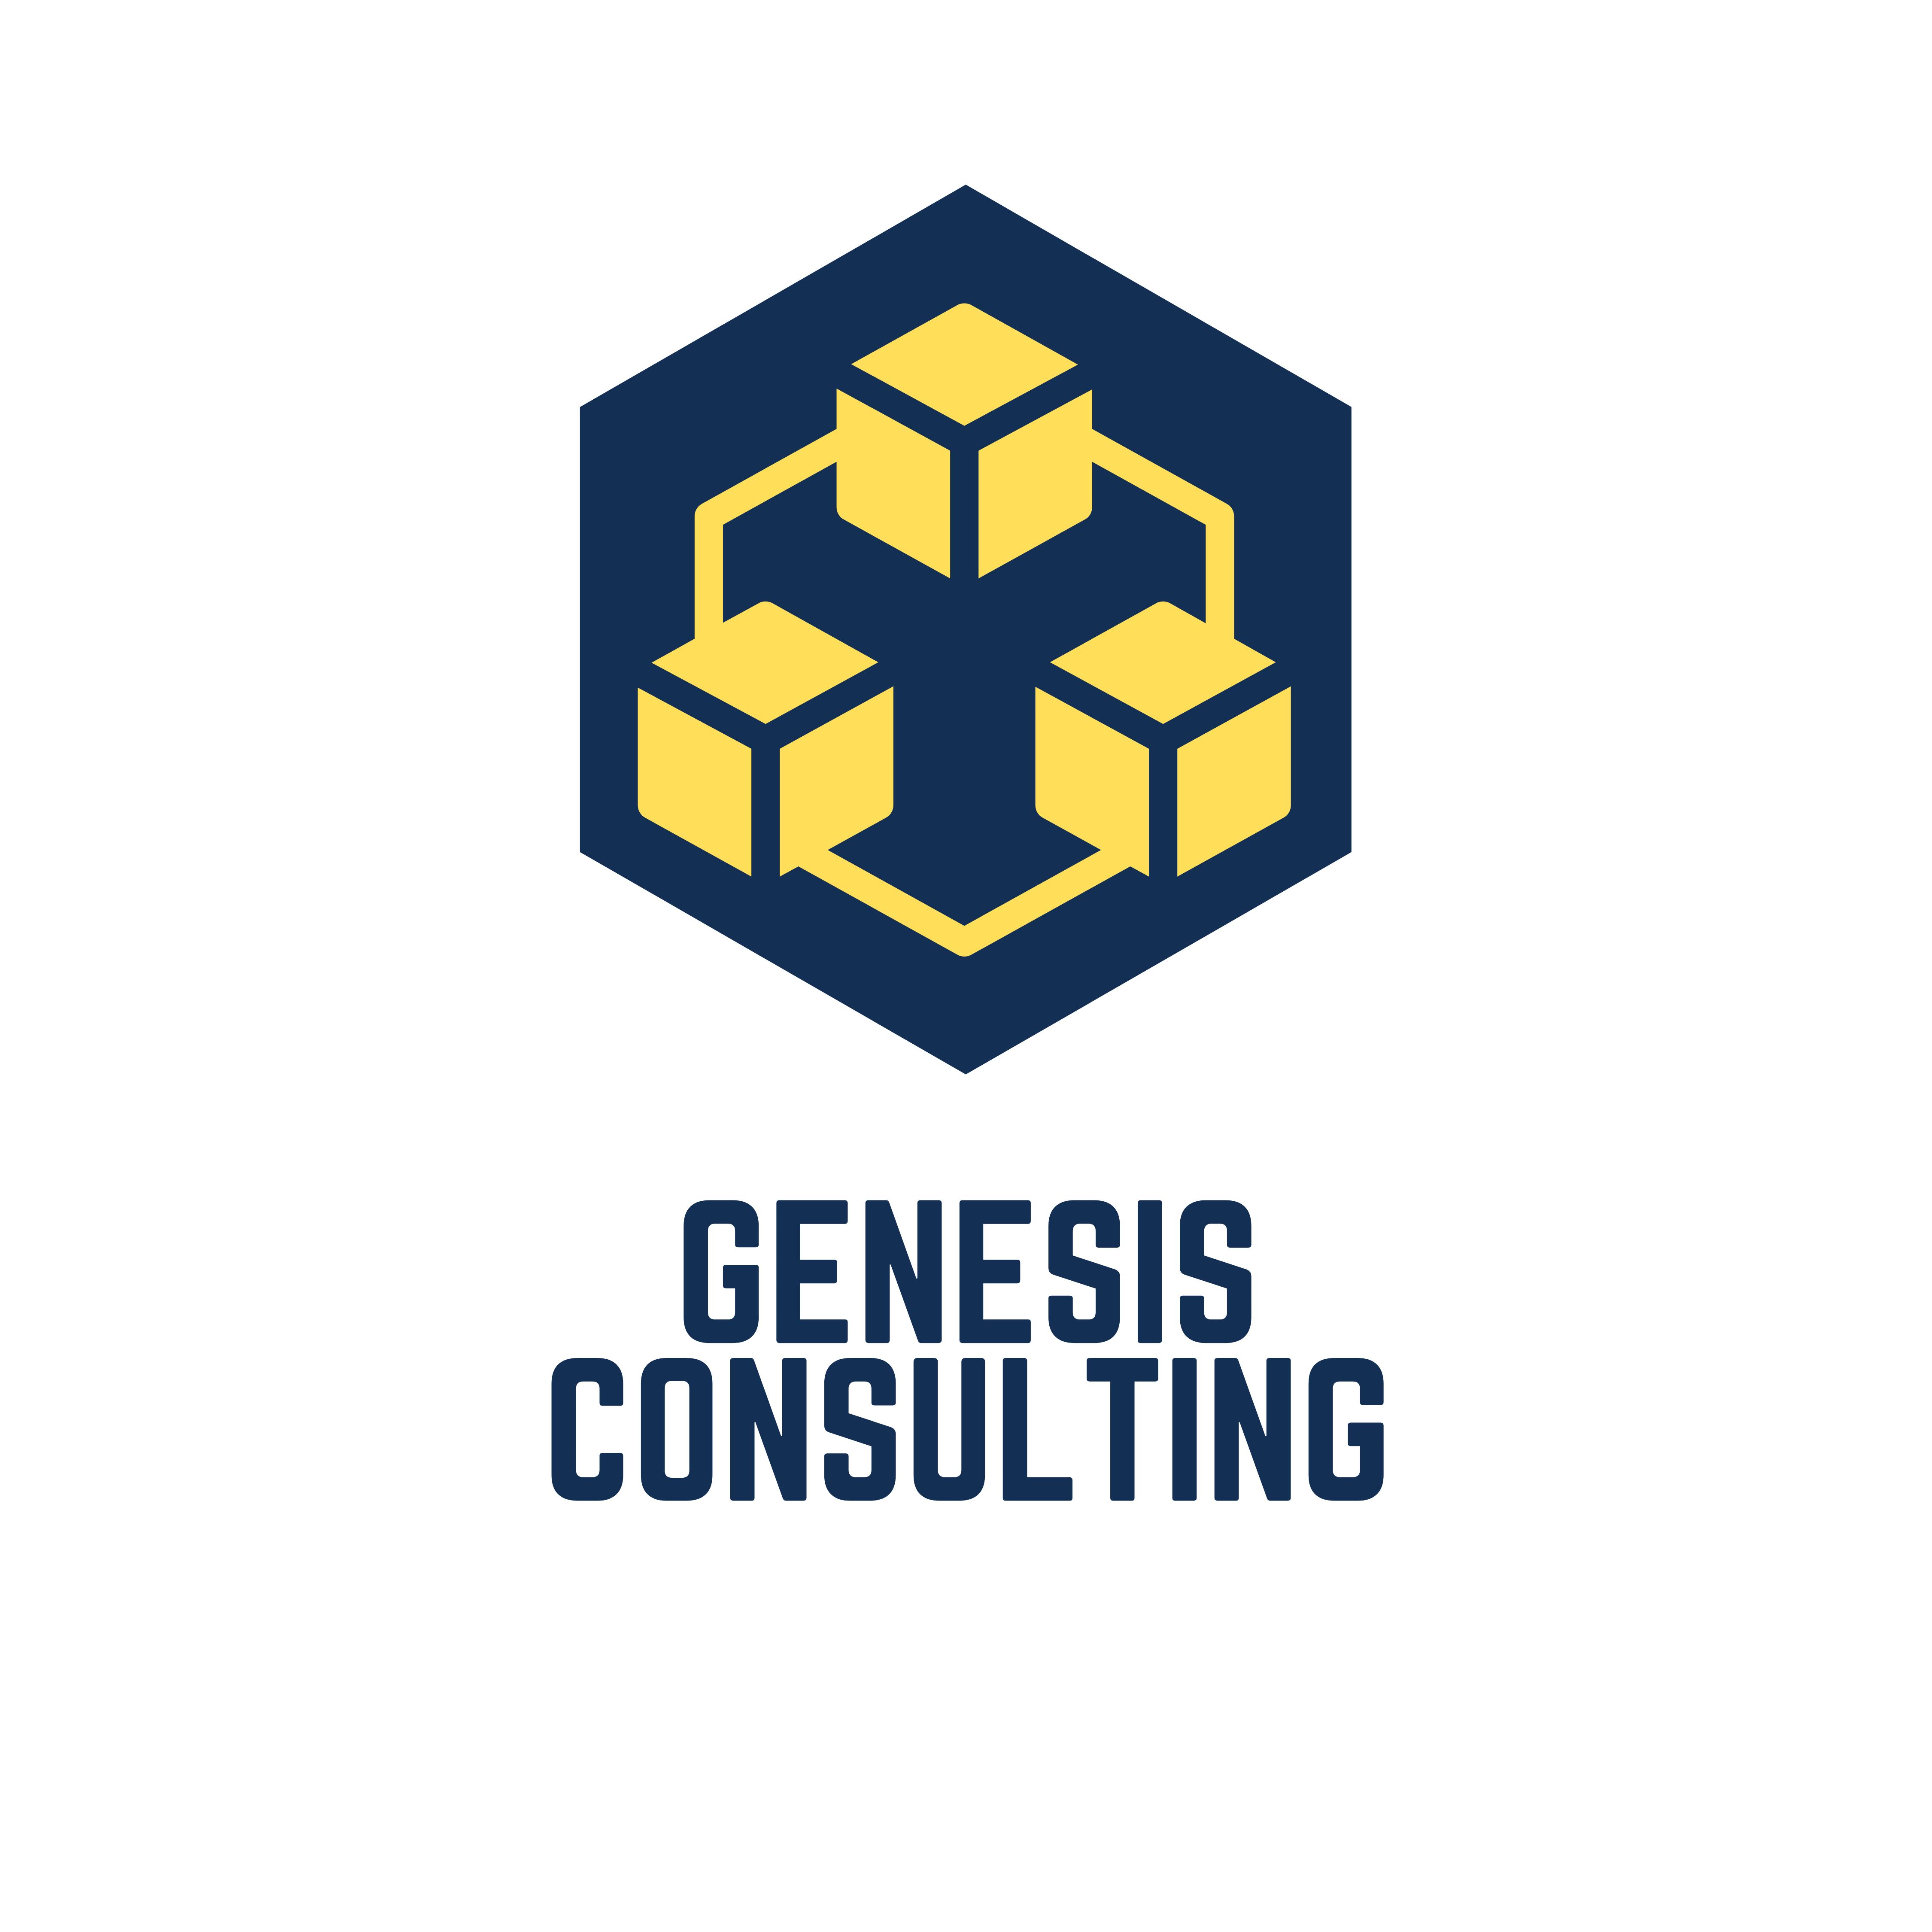 Genesis Consulting